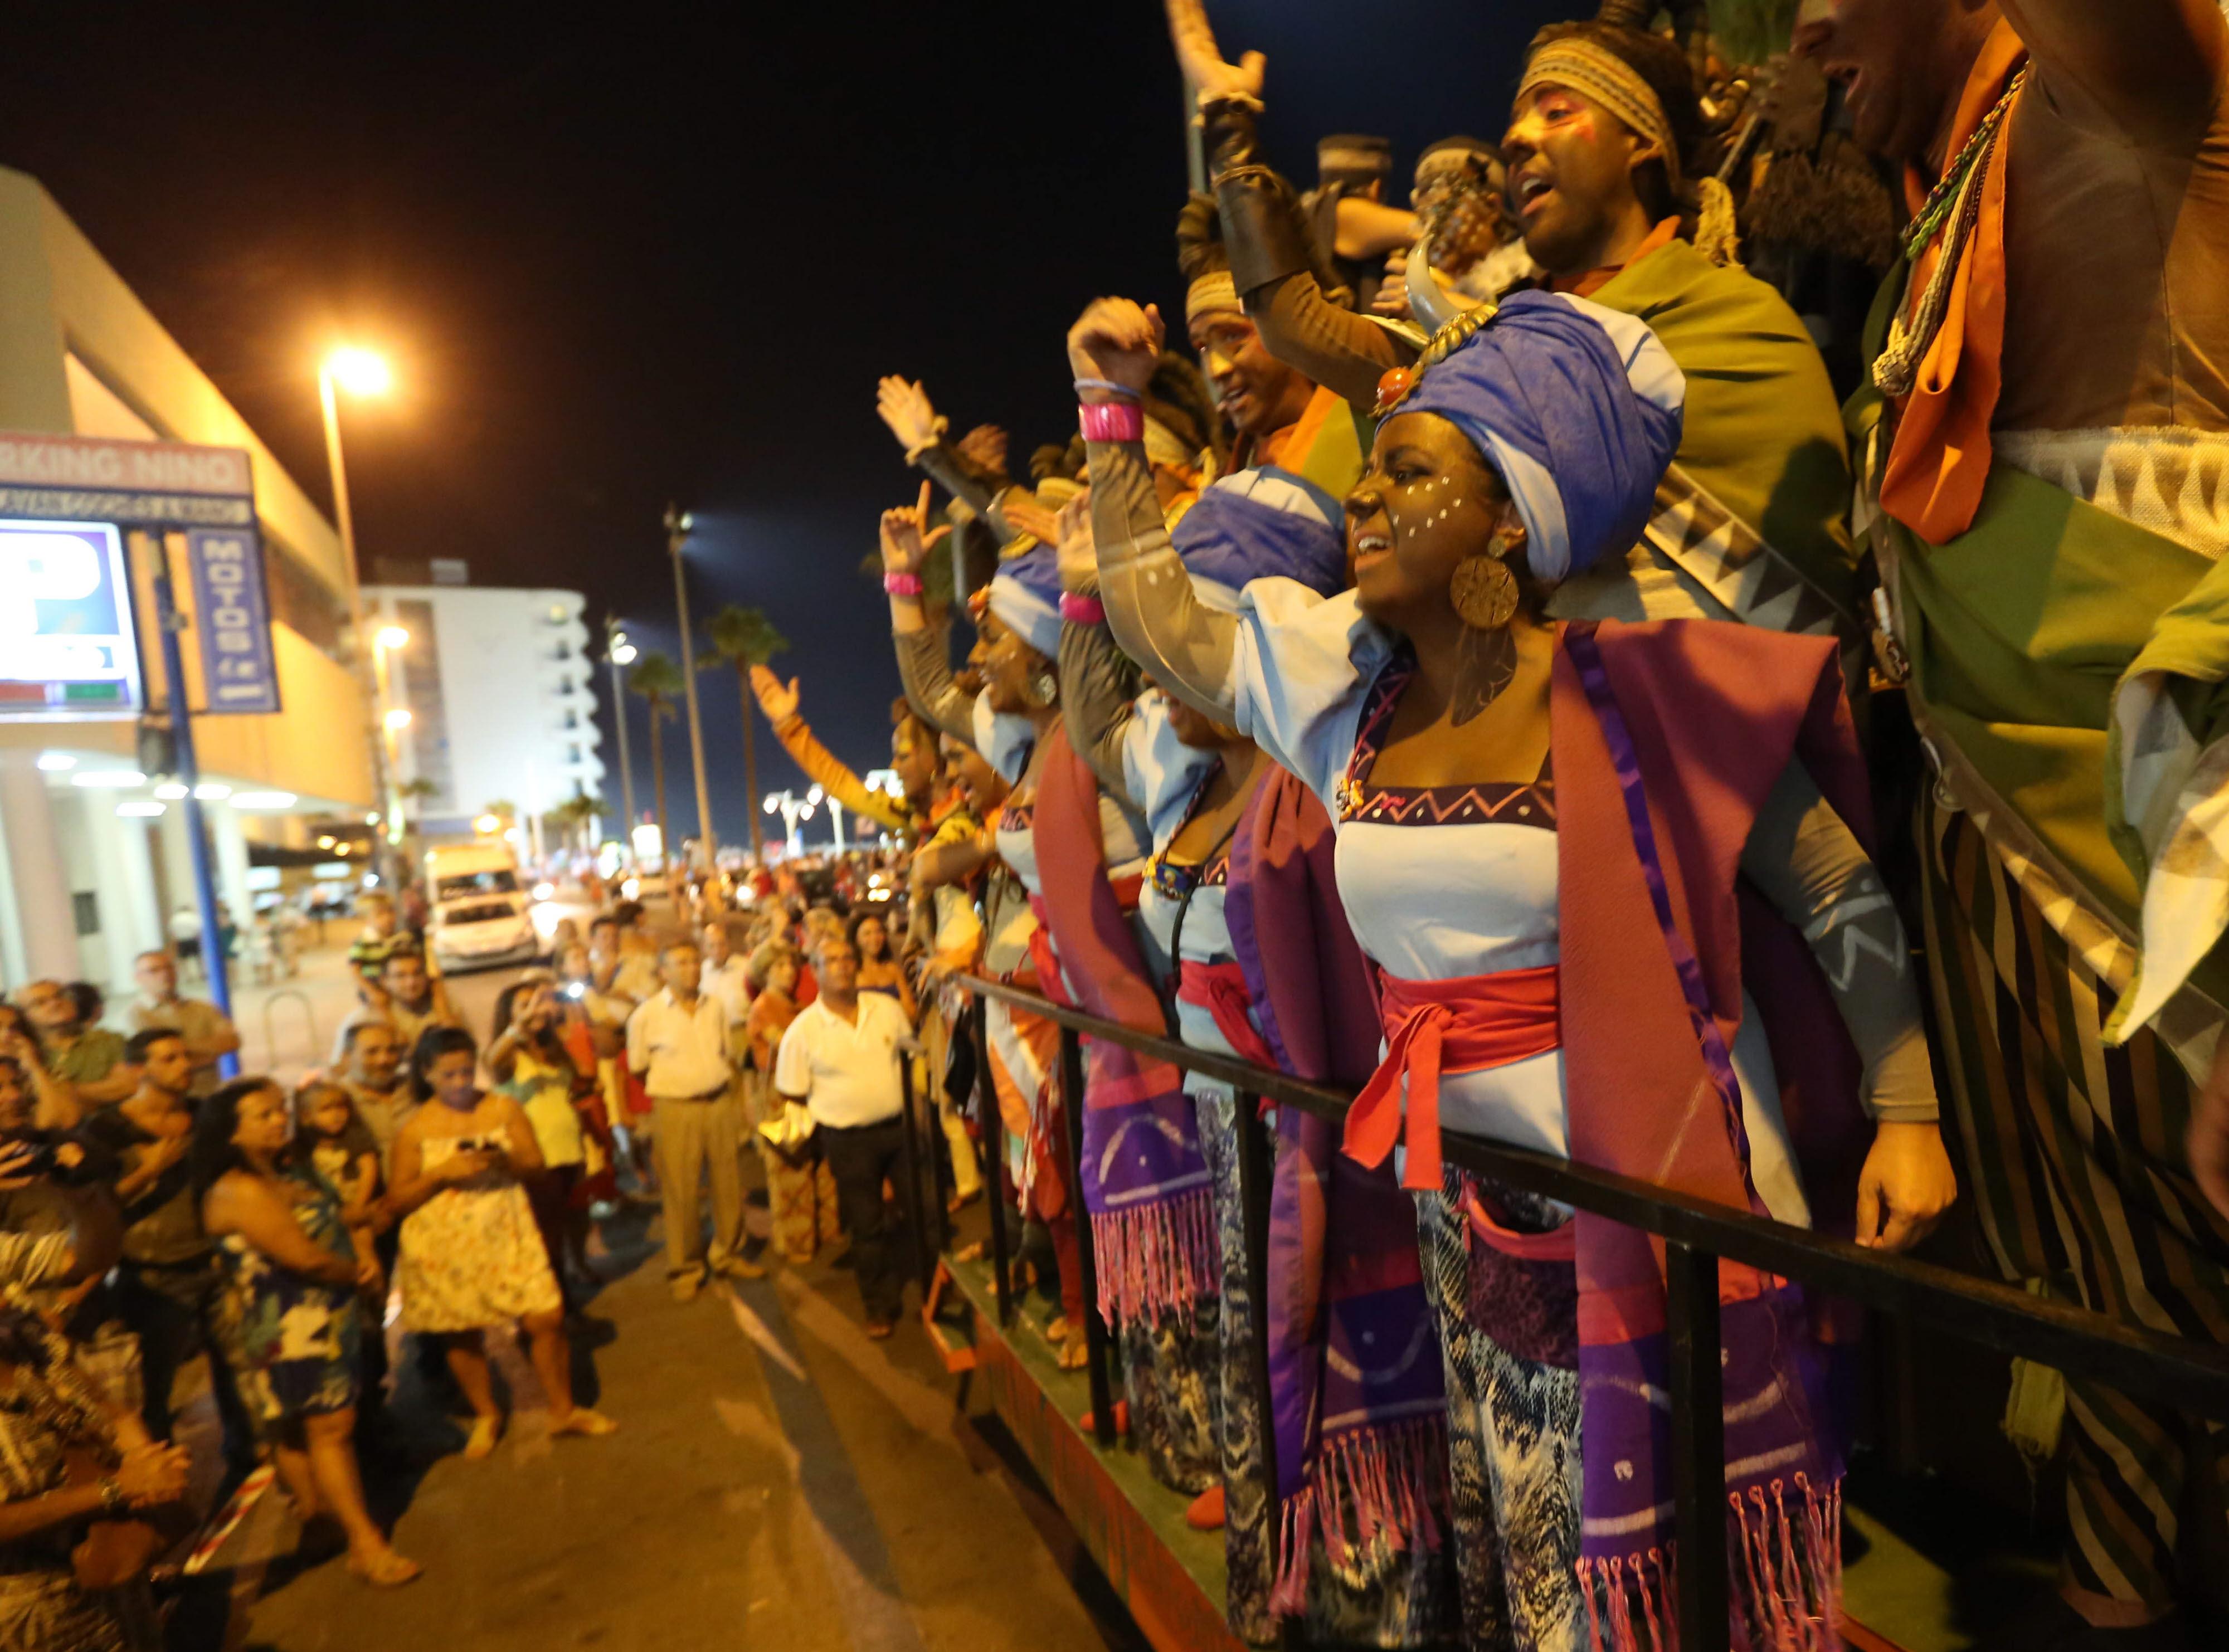 El Carnaval de Verano vuelve a su cuna